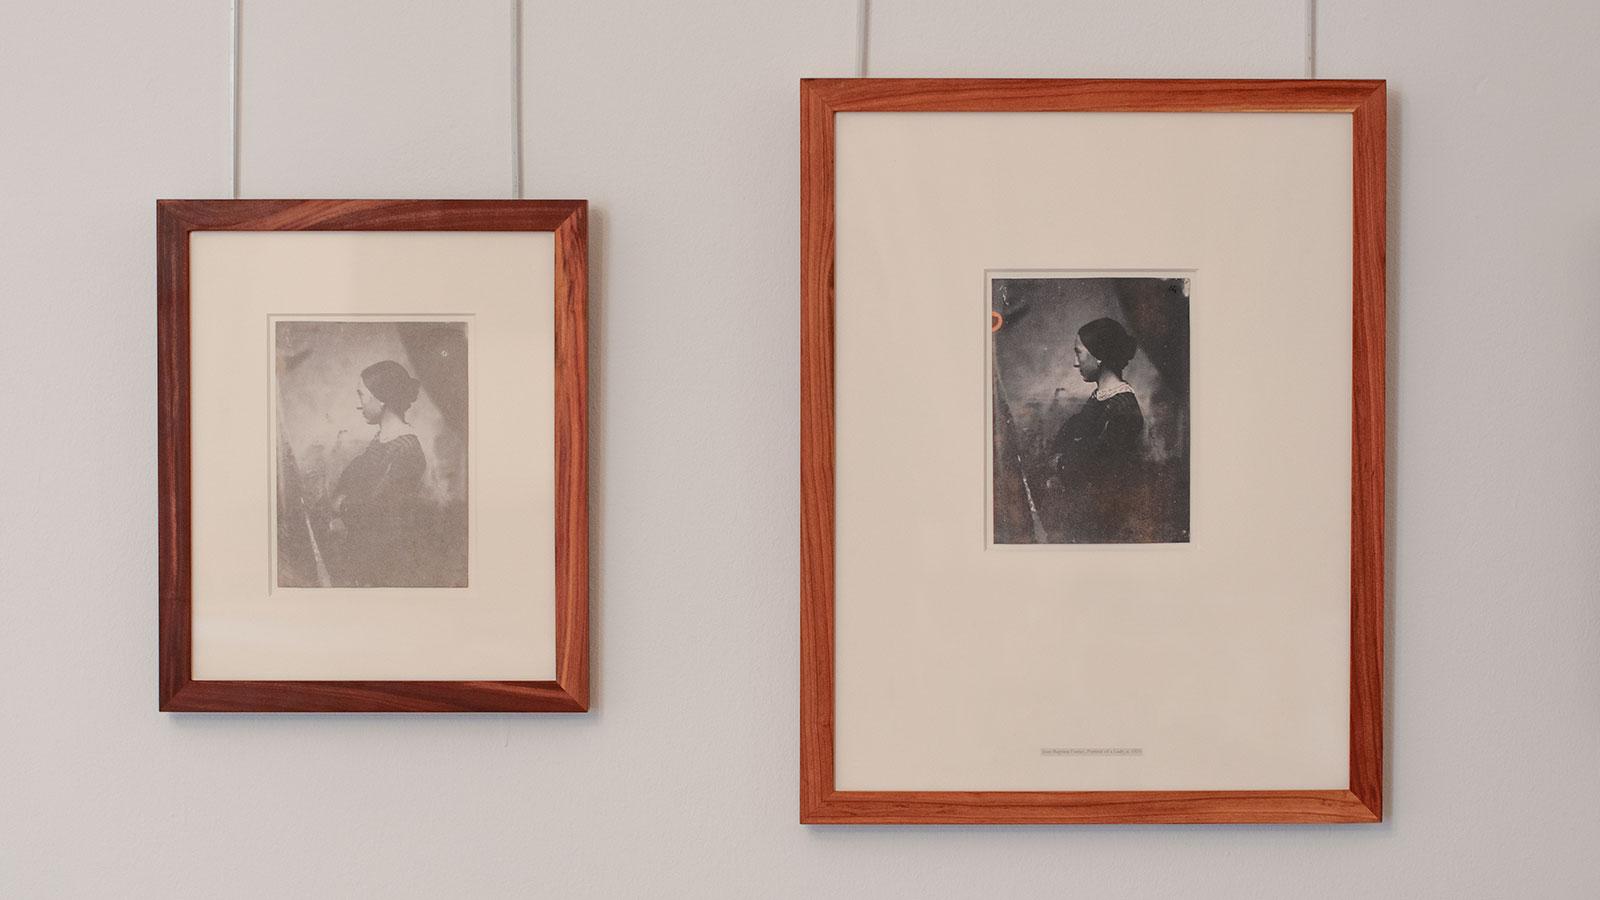 A-Head-Ausstellung